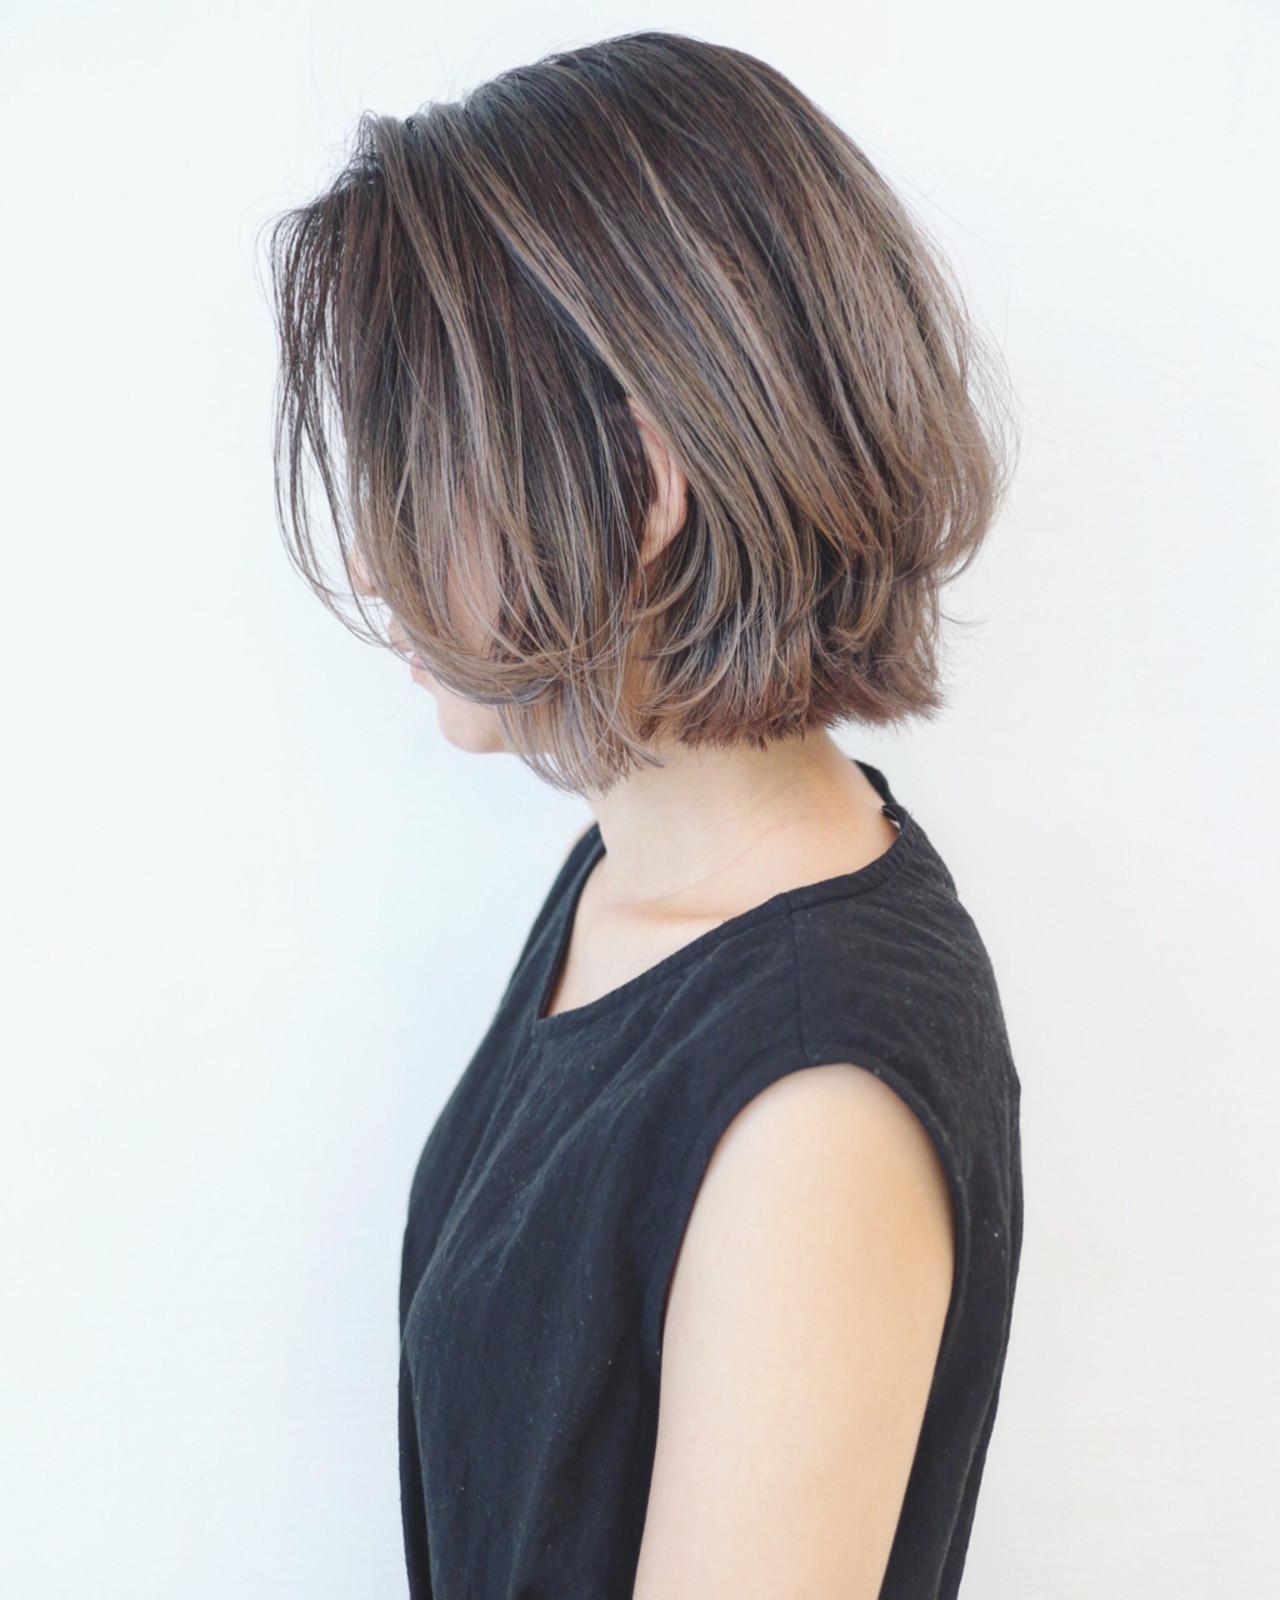 ストリート バレイヤージュ ボブ グラデーションカラー ヘアスタイルや髪型の写真・画像